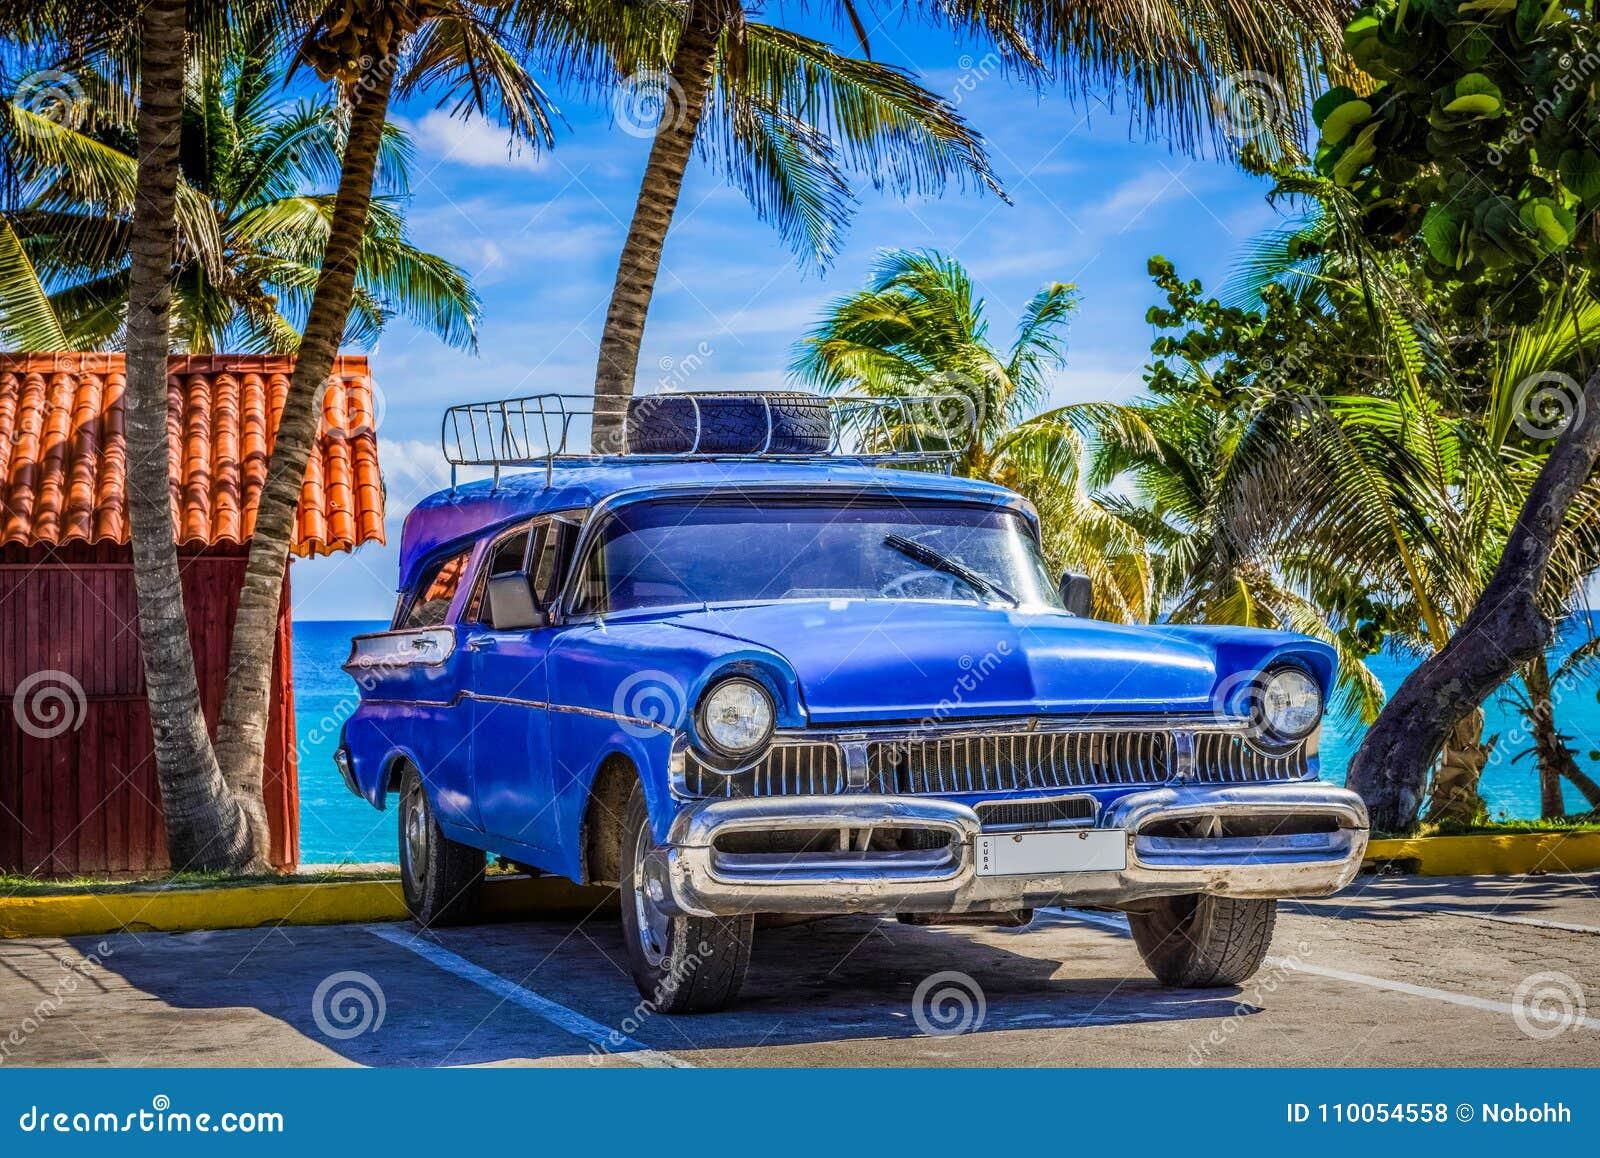 El coche clásico azul americano parqueó en la playa en Varadero Cuba - el reportaje de Serie Cuba